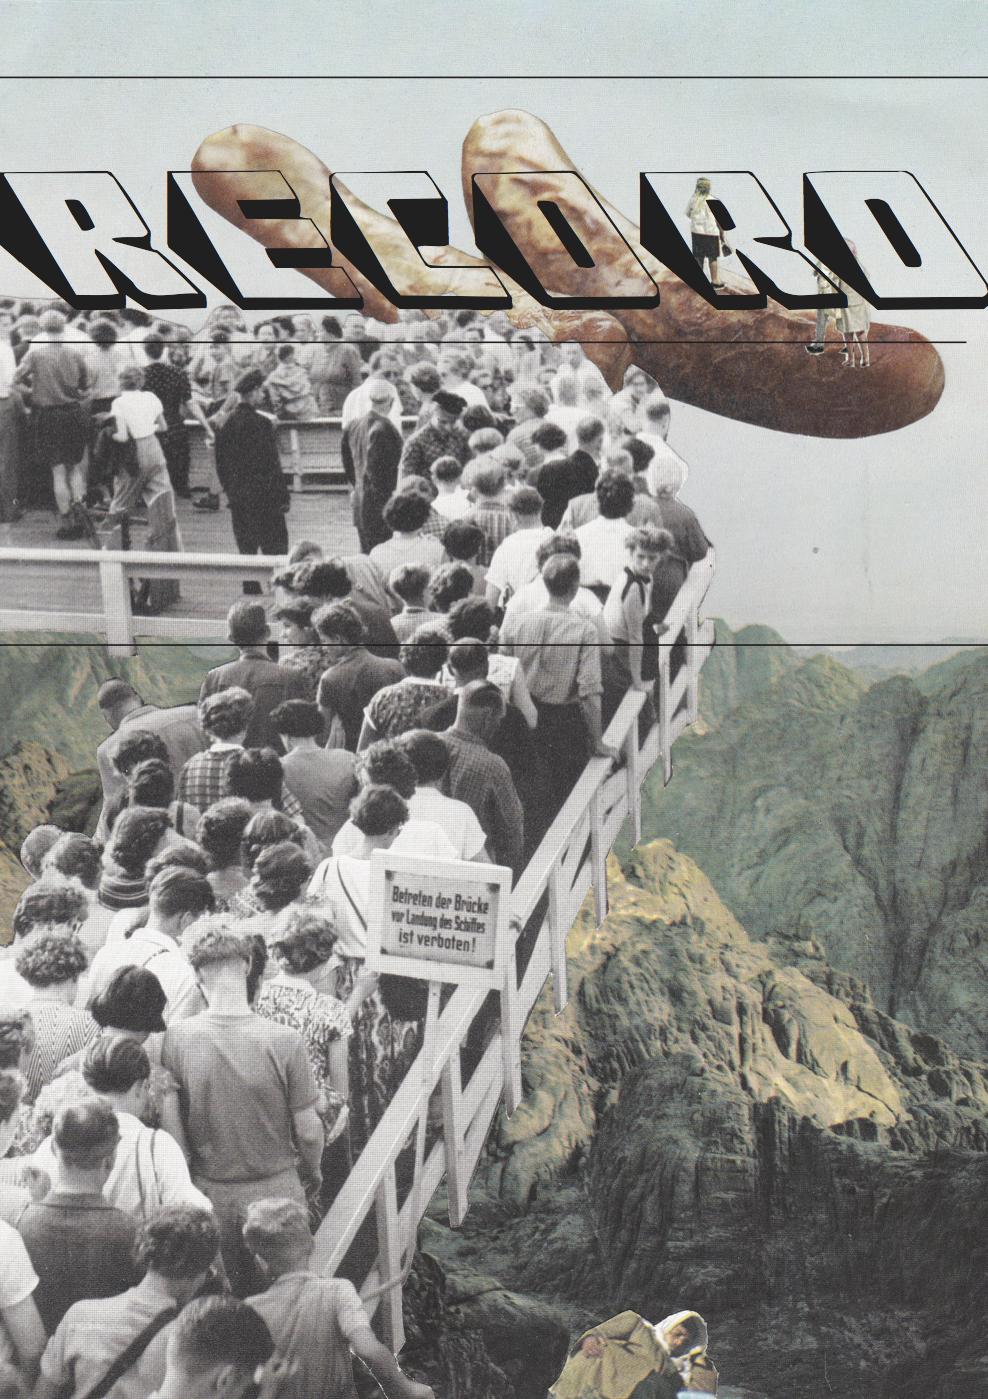 Record, poster by JOVANA REISINGER